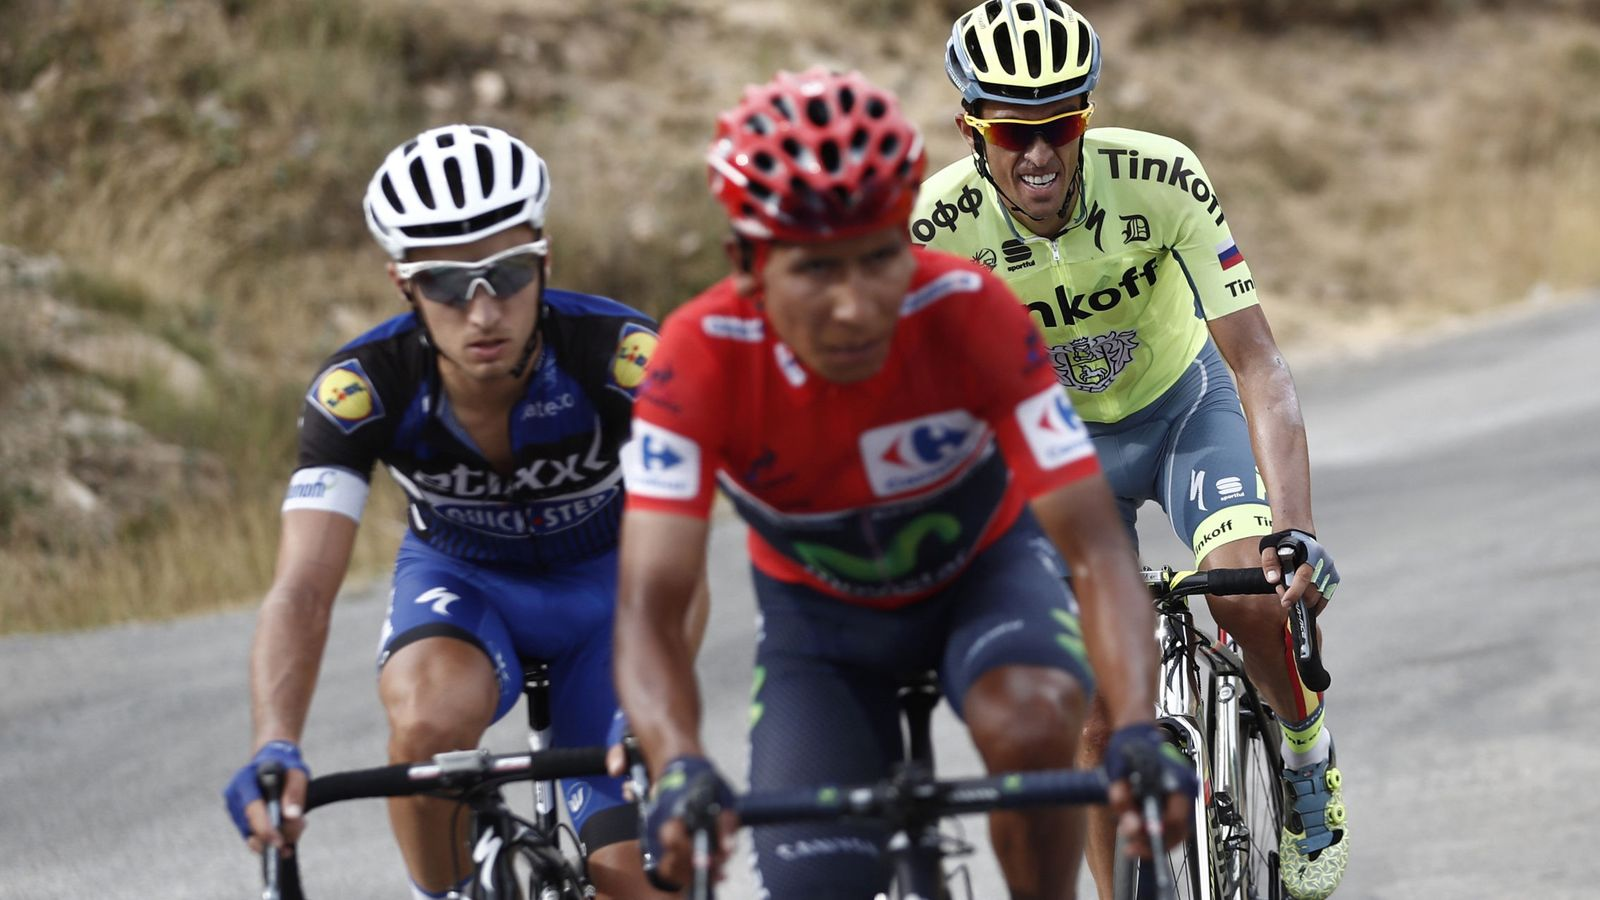 Foto: Quintana, Brambilla y Contador, luchando por la victoria (Javier Lizón/EFE).